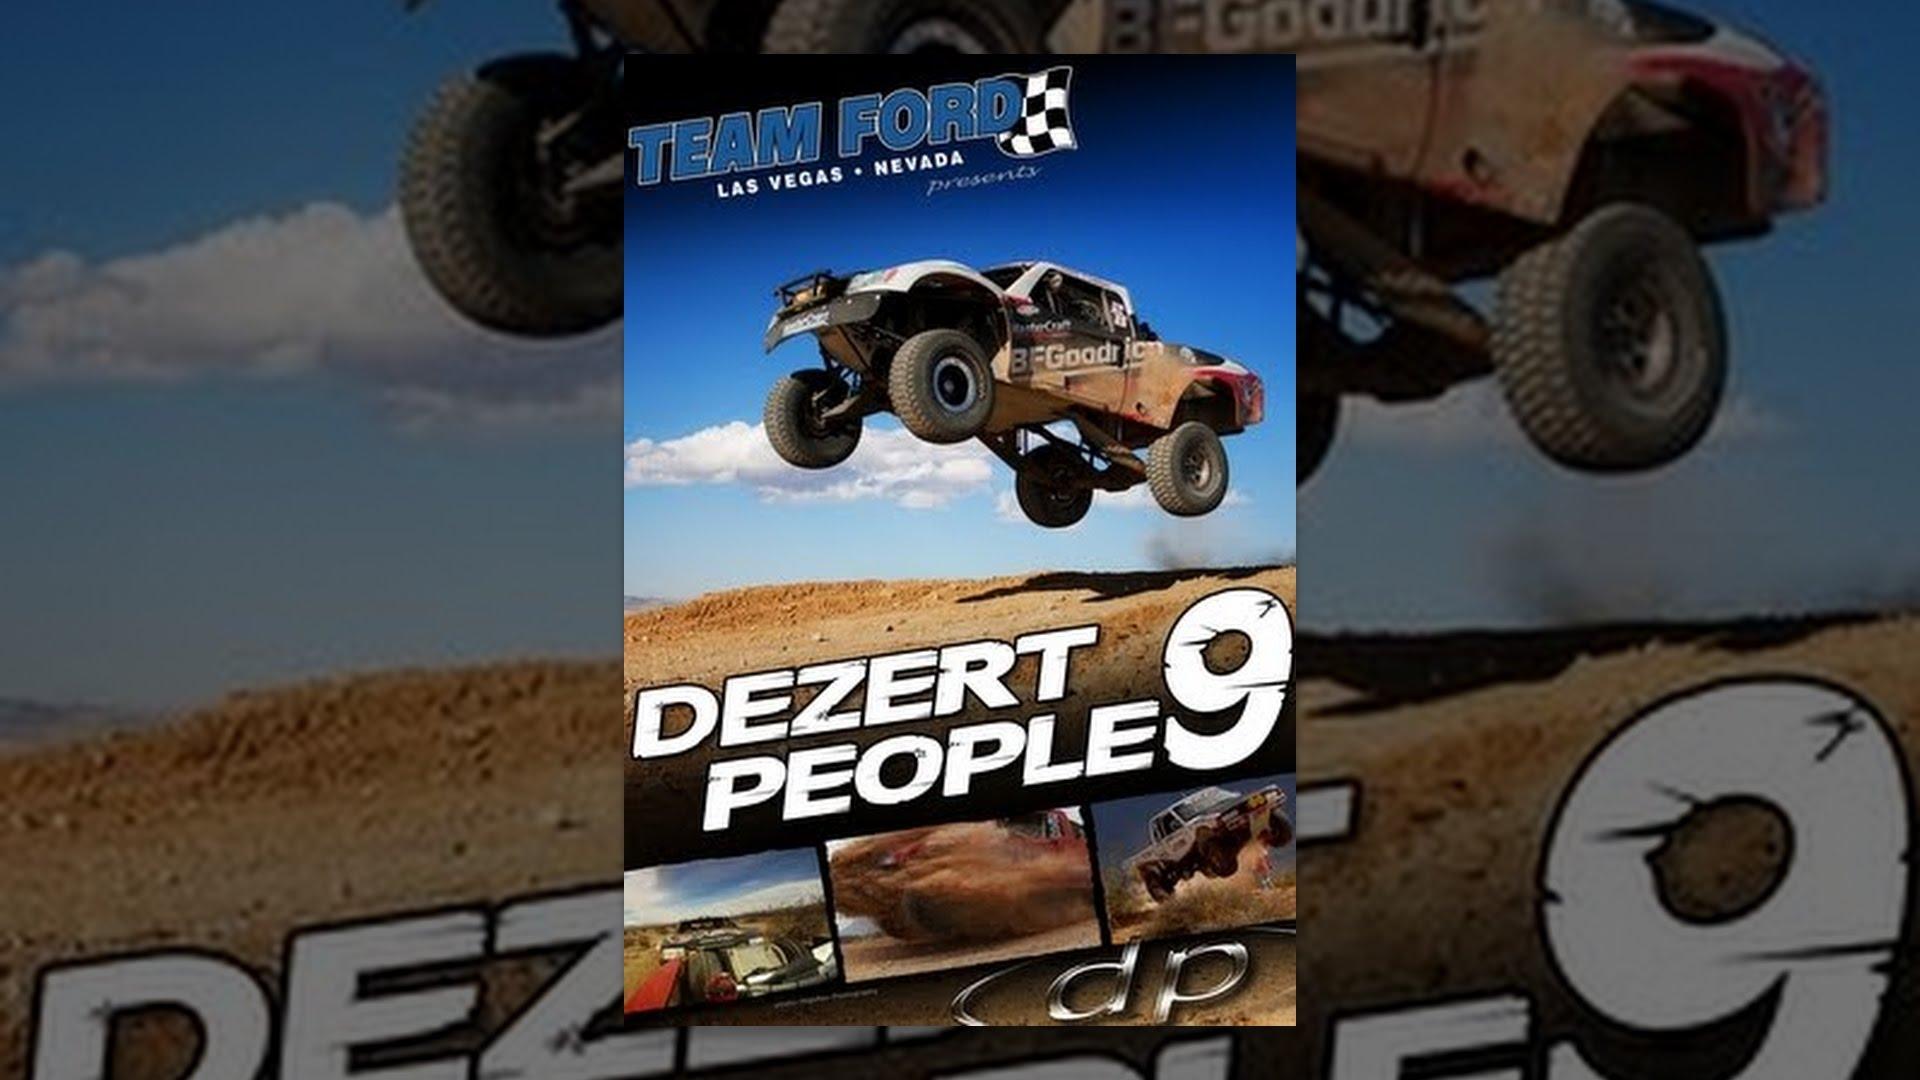 Dezert People 9